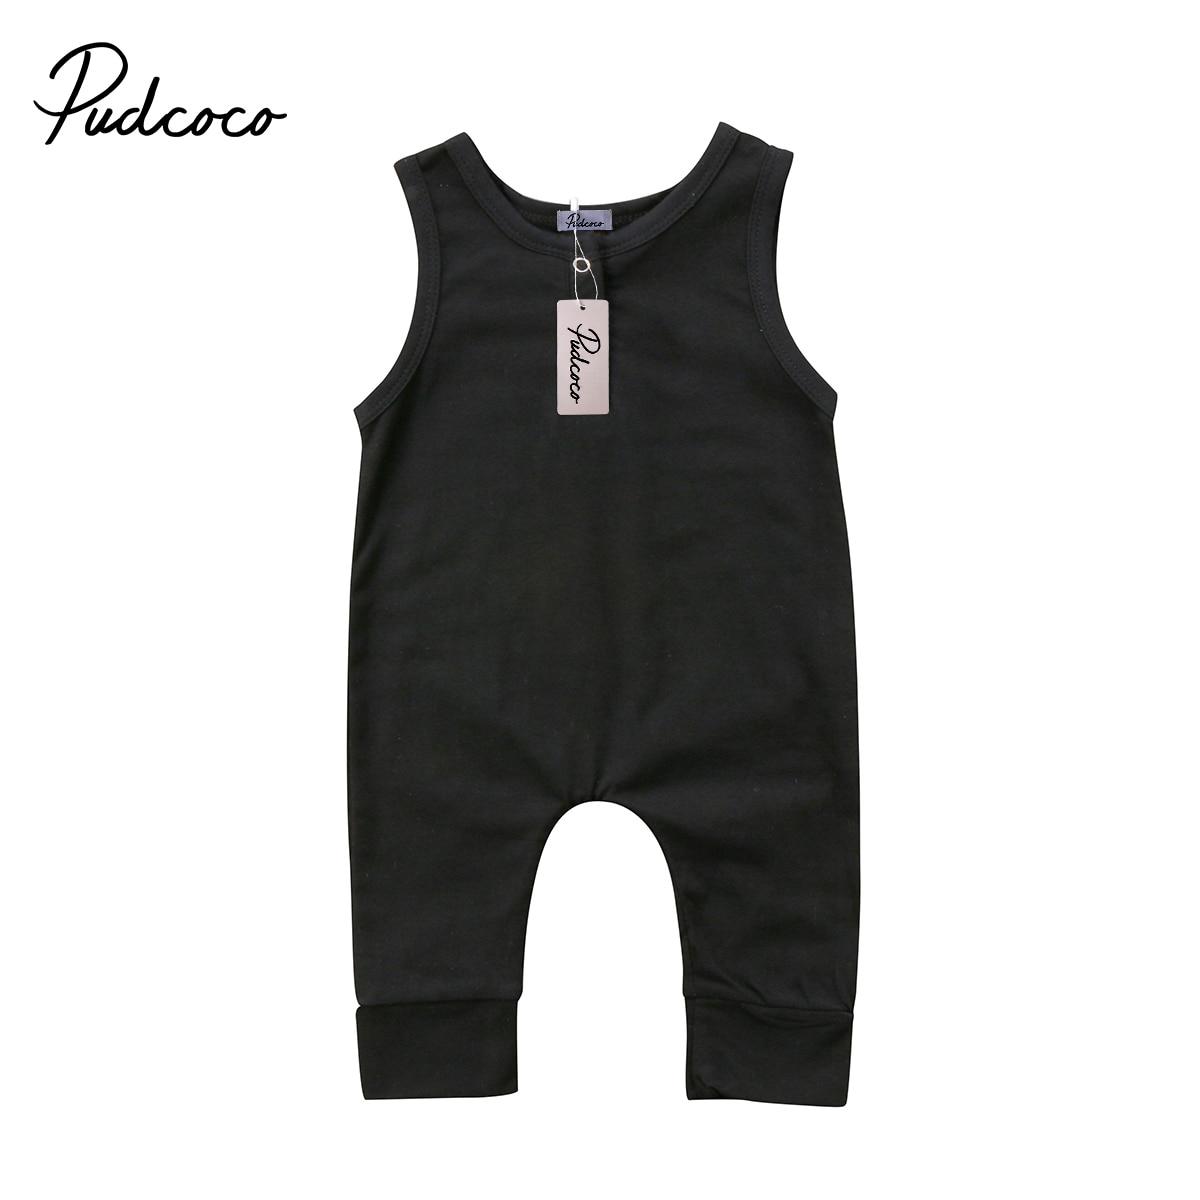 2018 Brand New Appena Nato Del Bambino Neonati Bambini Delle Neonate Ragazzi Pagliaccetto Sleeveless Della Tuta Harem Pants Vestiti Solido Outfits 0-18 M